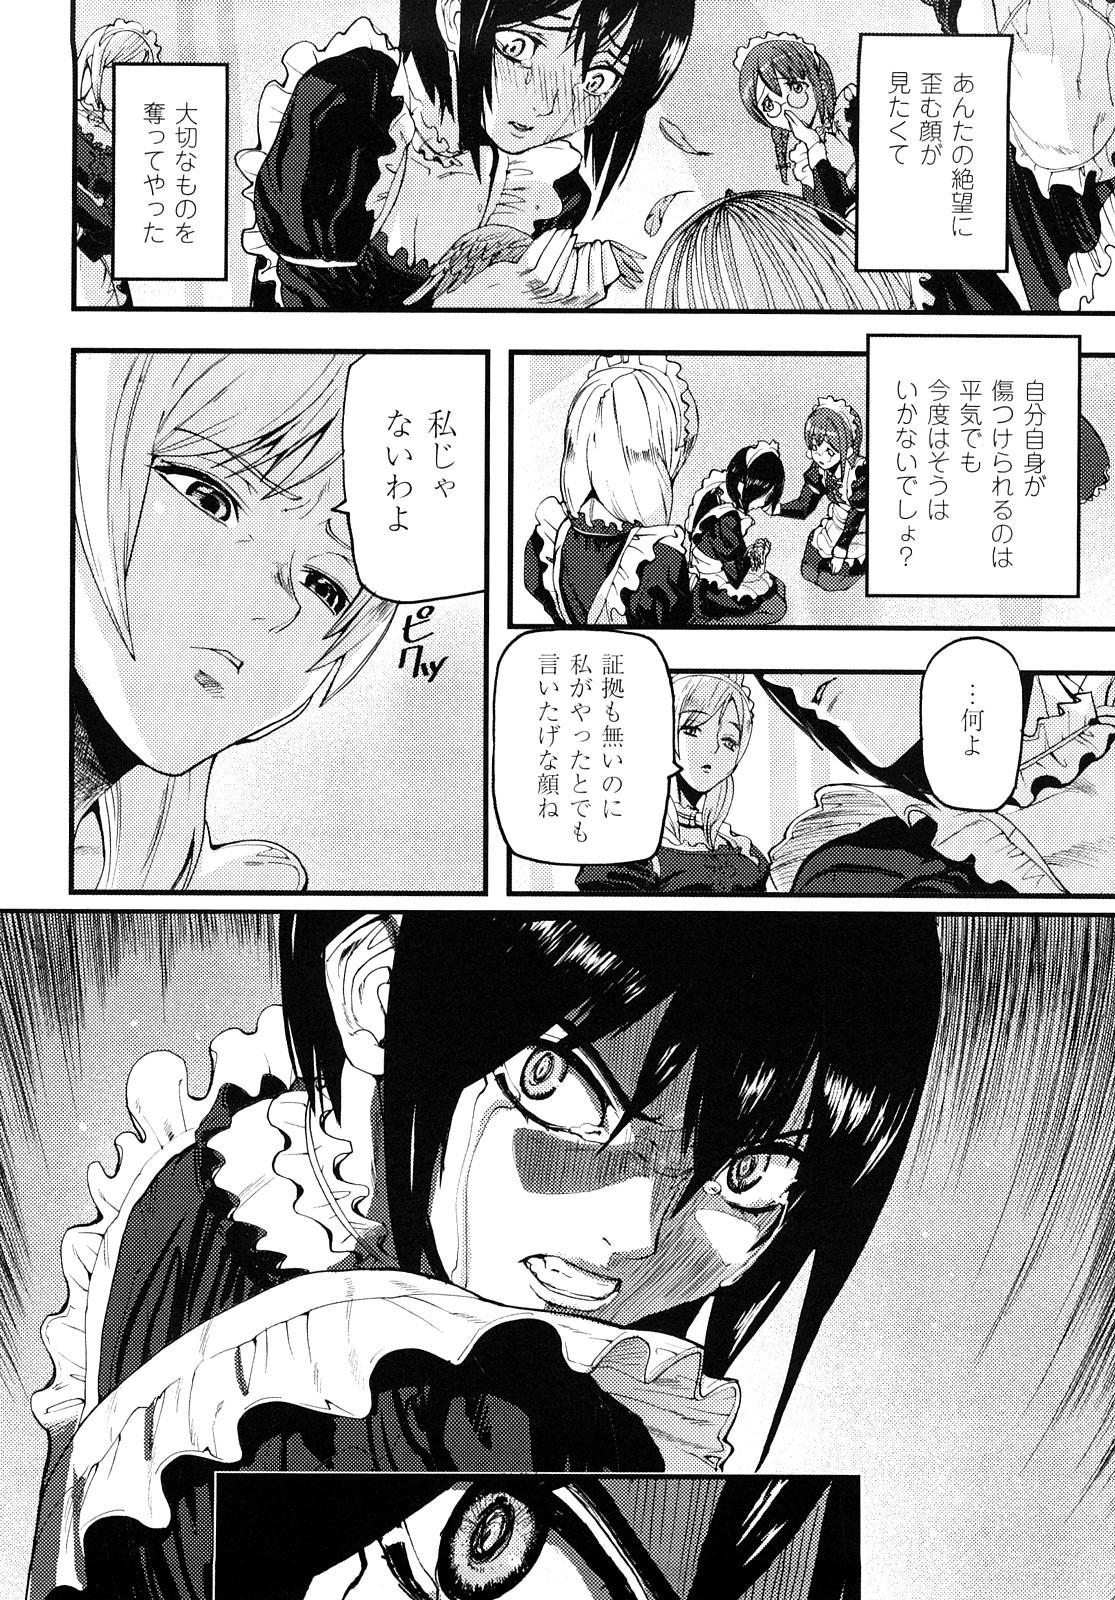 Cerberum no Hitsugi Haitoku no Hanmegami - The Coffin of Cerebrum Immoral Demivenus 12